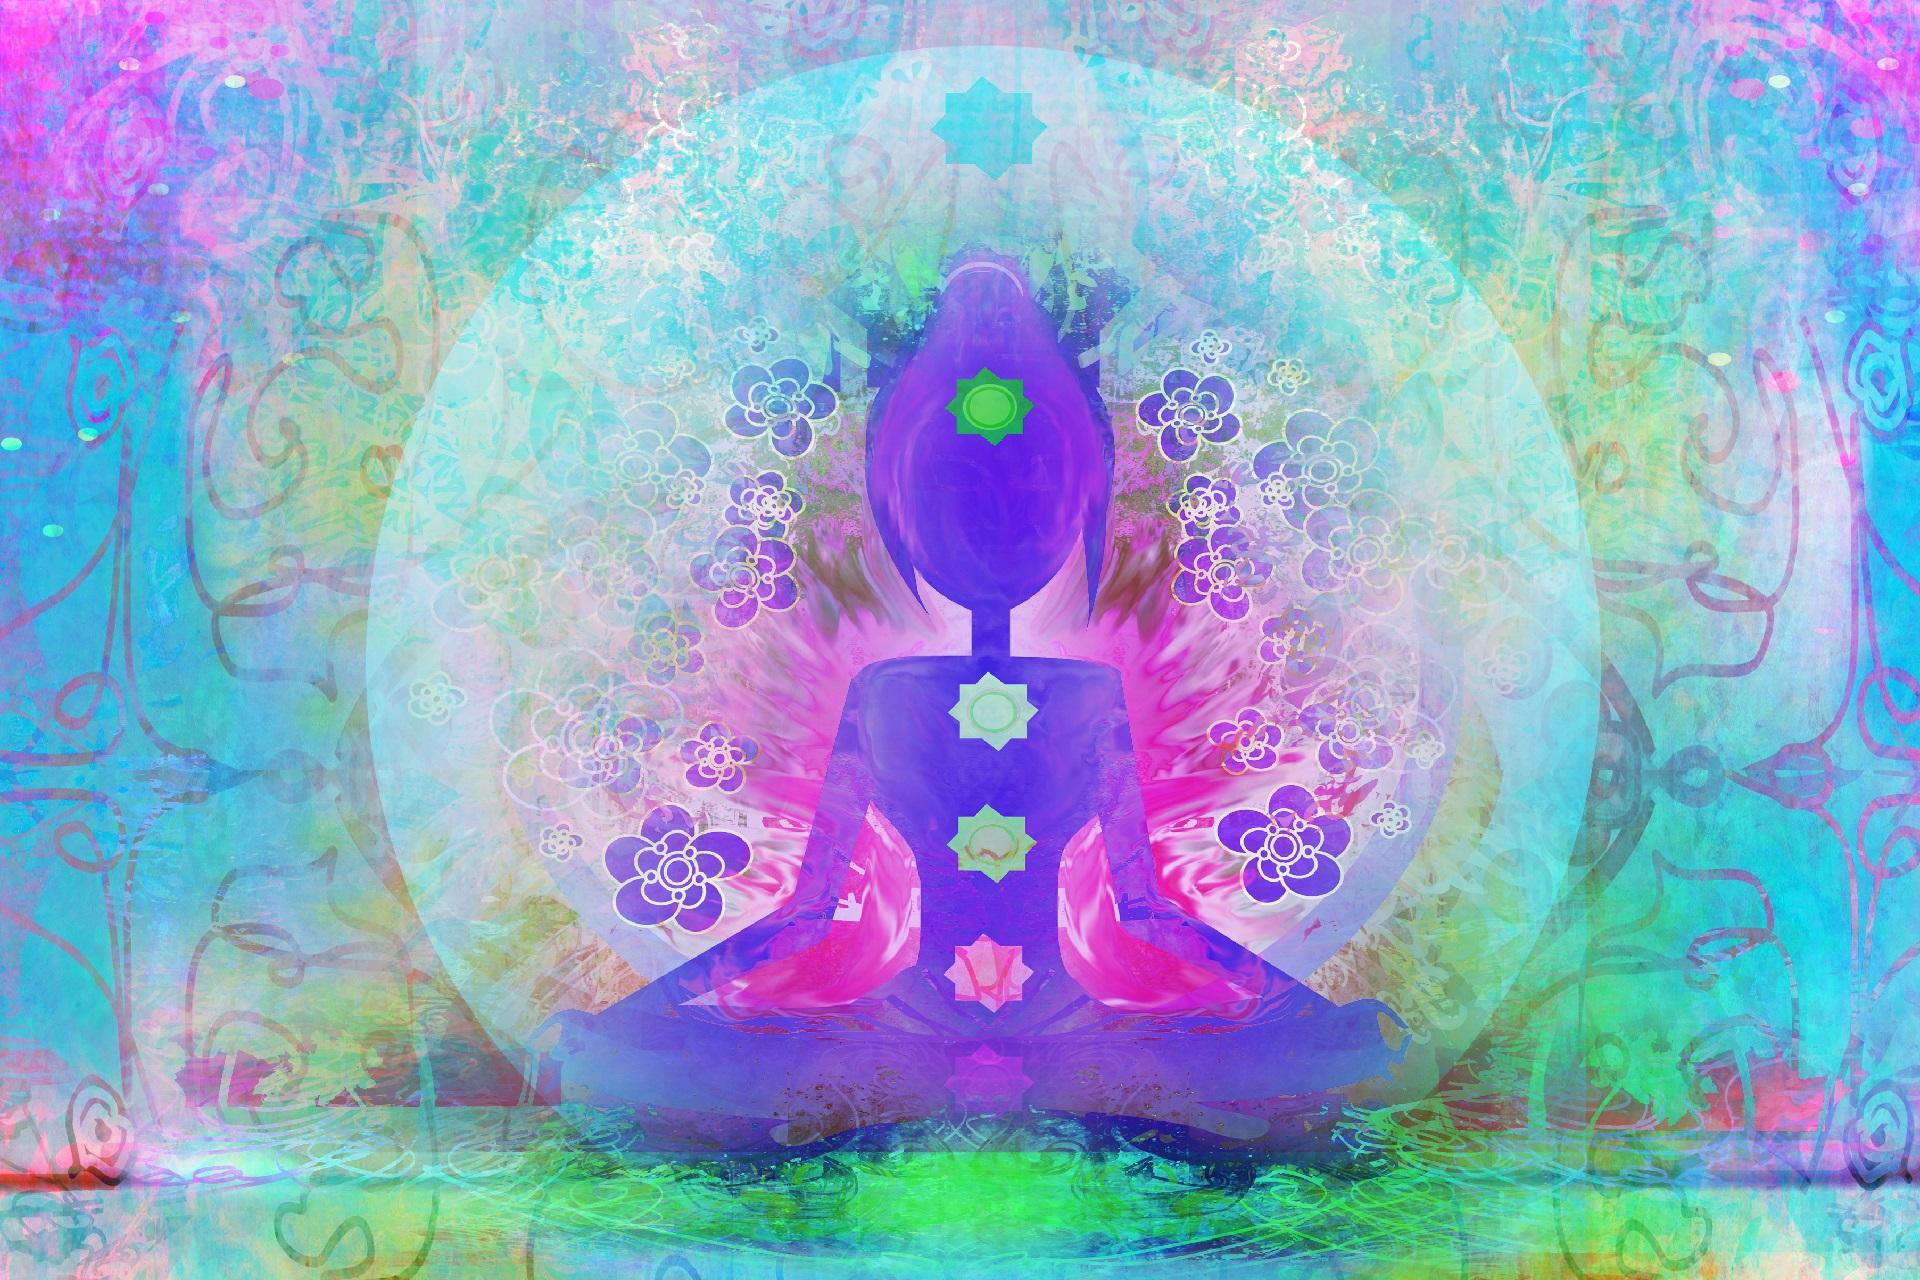 Что такое хроники Акаши, Вселенский Банк Данных, Как переводиться слово «Акаши», Индуизм о Хрониках Акаши, Хроники Акаши внутри Земли, Акаши внутри нашей ДНК,